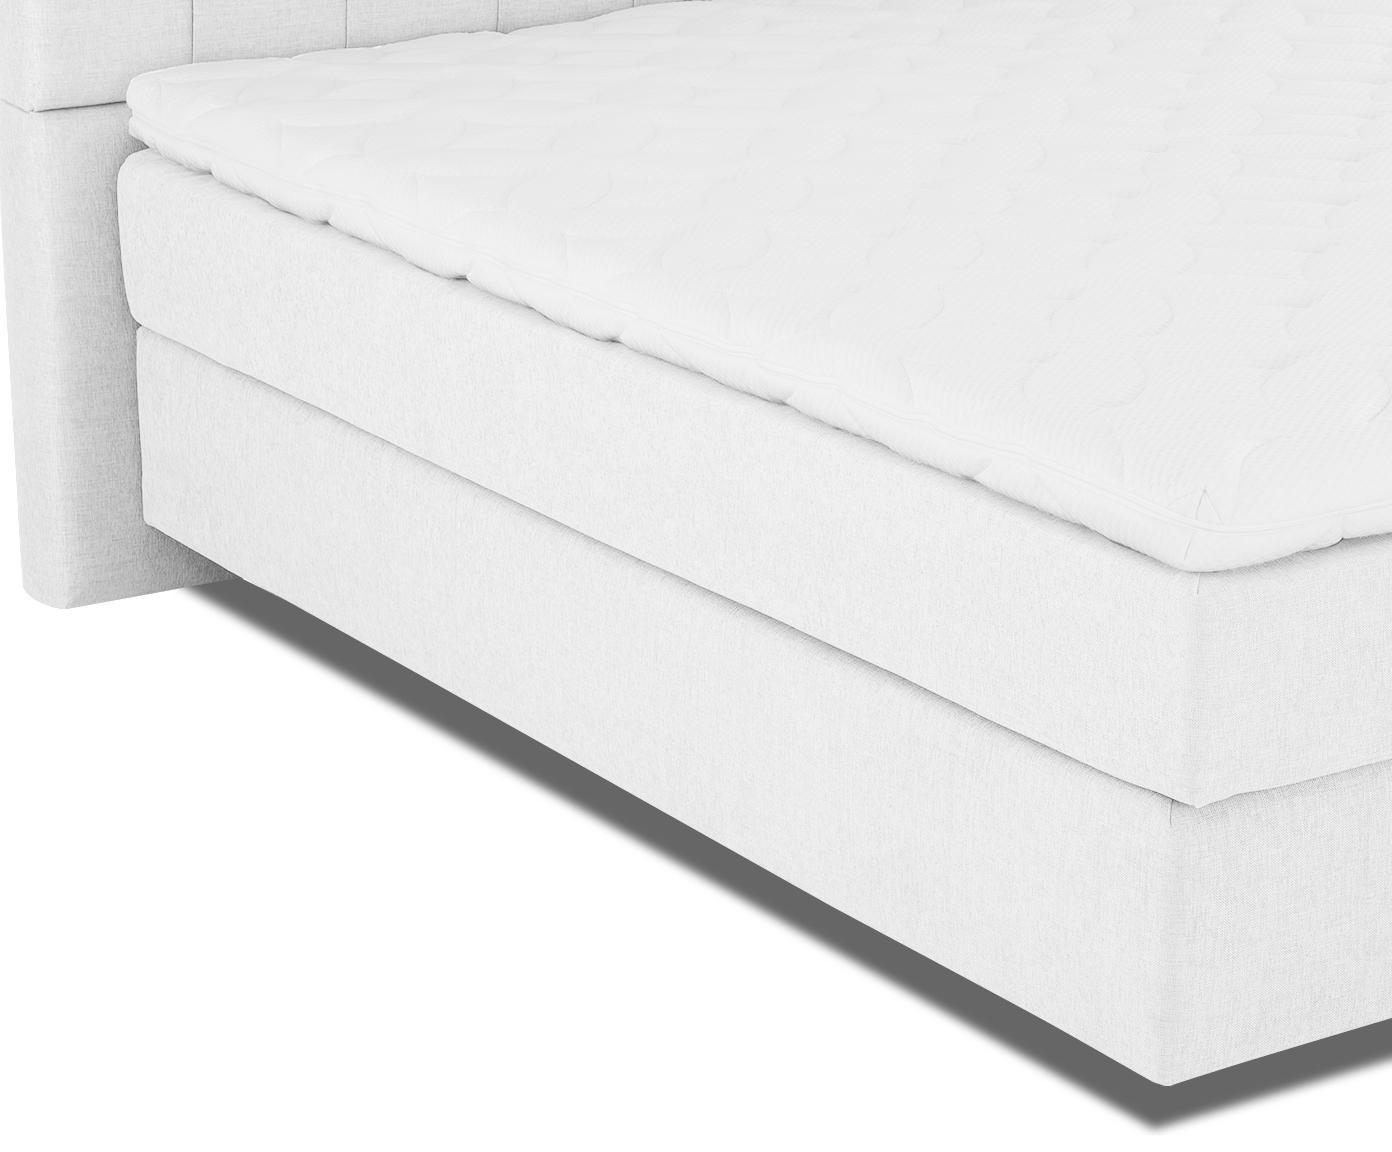 Łóżko kontynentalne premium Phoebe, Nogi: lite drewno bukowe, lakie, Jasny szary, 200 x 200 cm